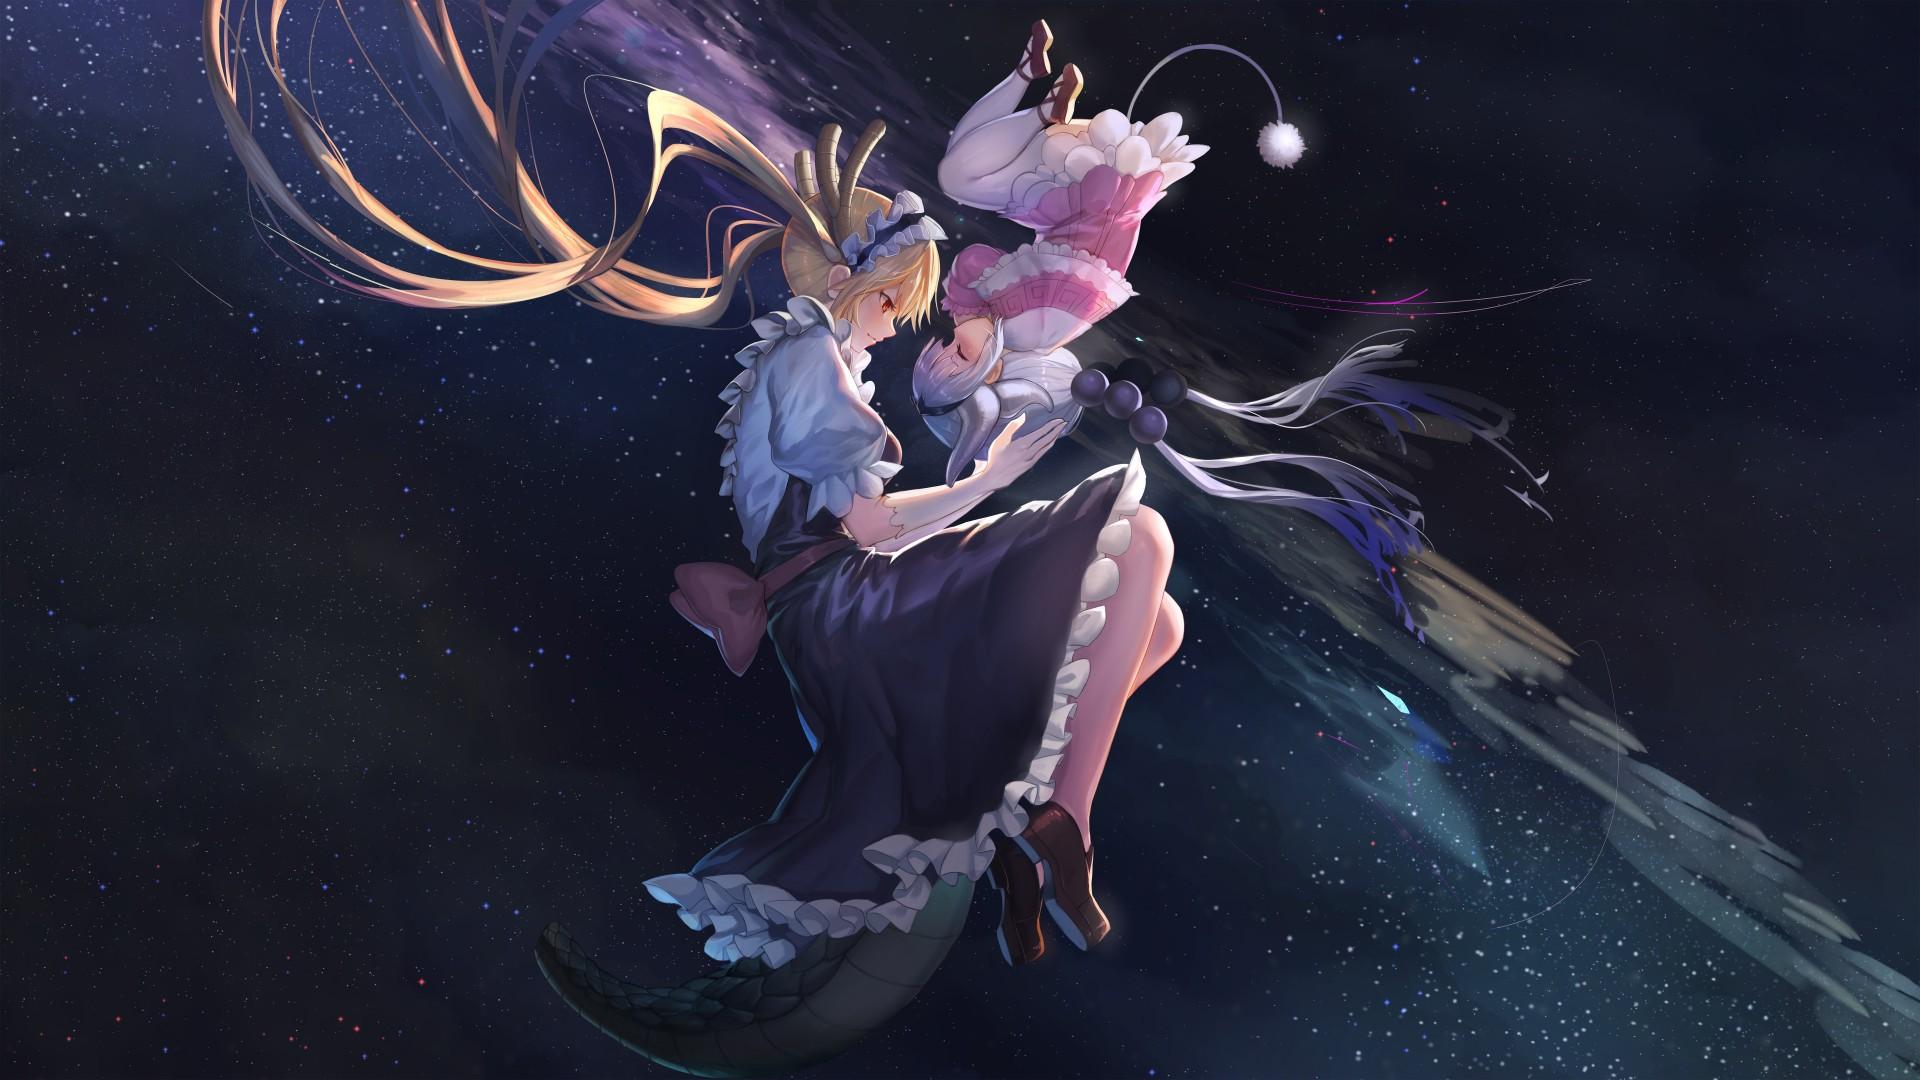 Crying Wallpaper For Girl Tohru Kanna Kamui Miss Kobayashis Dragon Maid 4k 8k